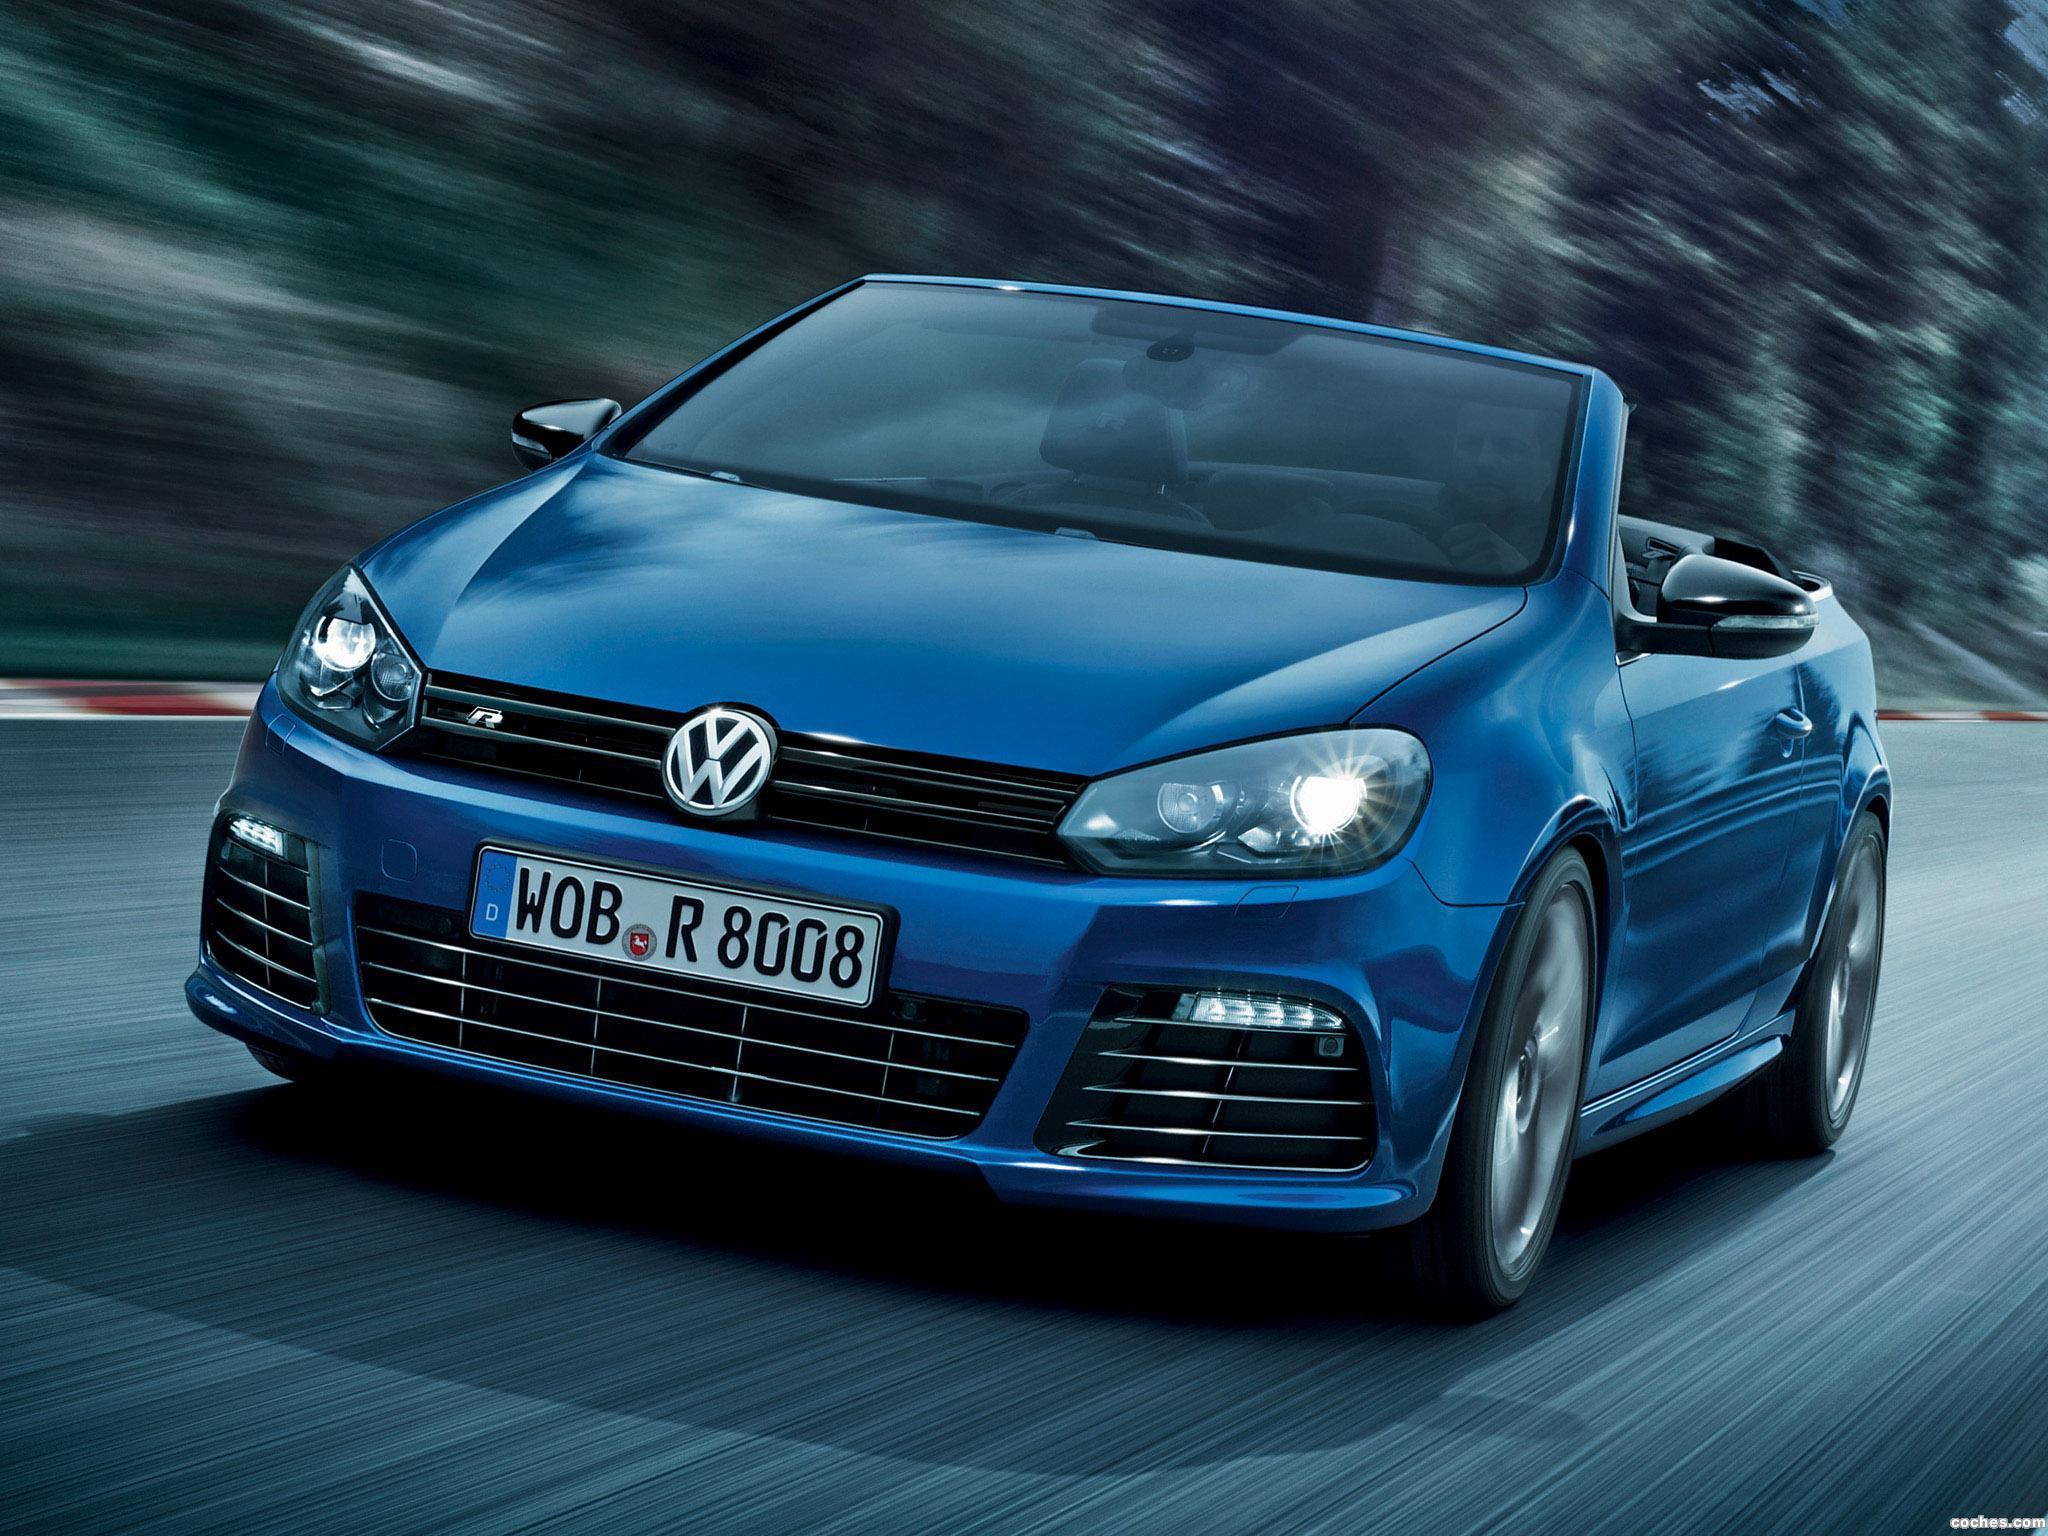 Foto 0 de Volkswagen Golf VI R Cabrio 2013